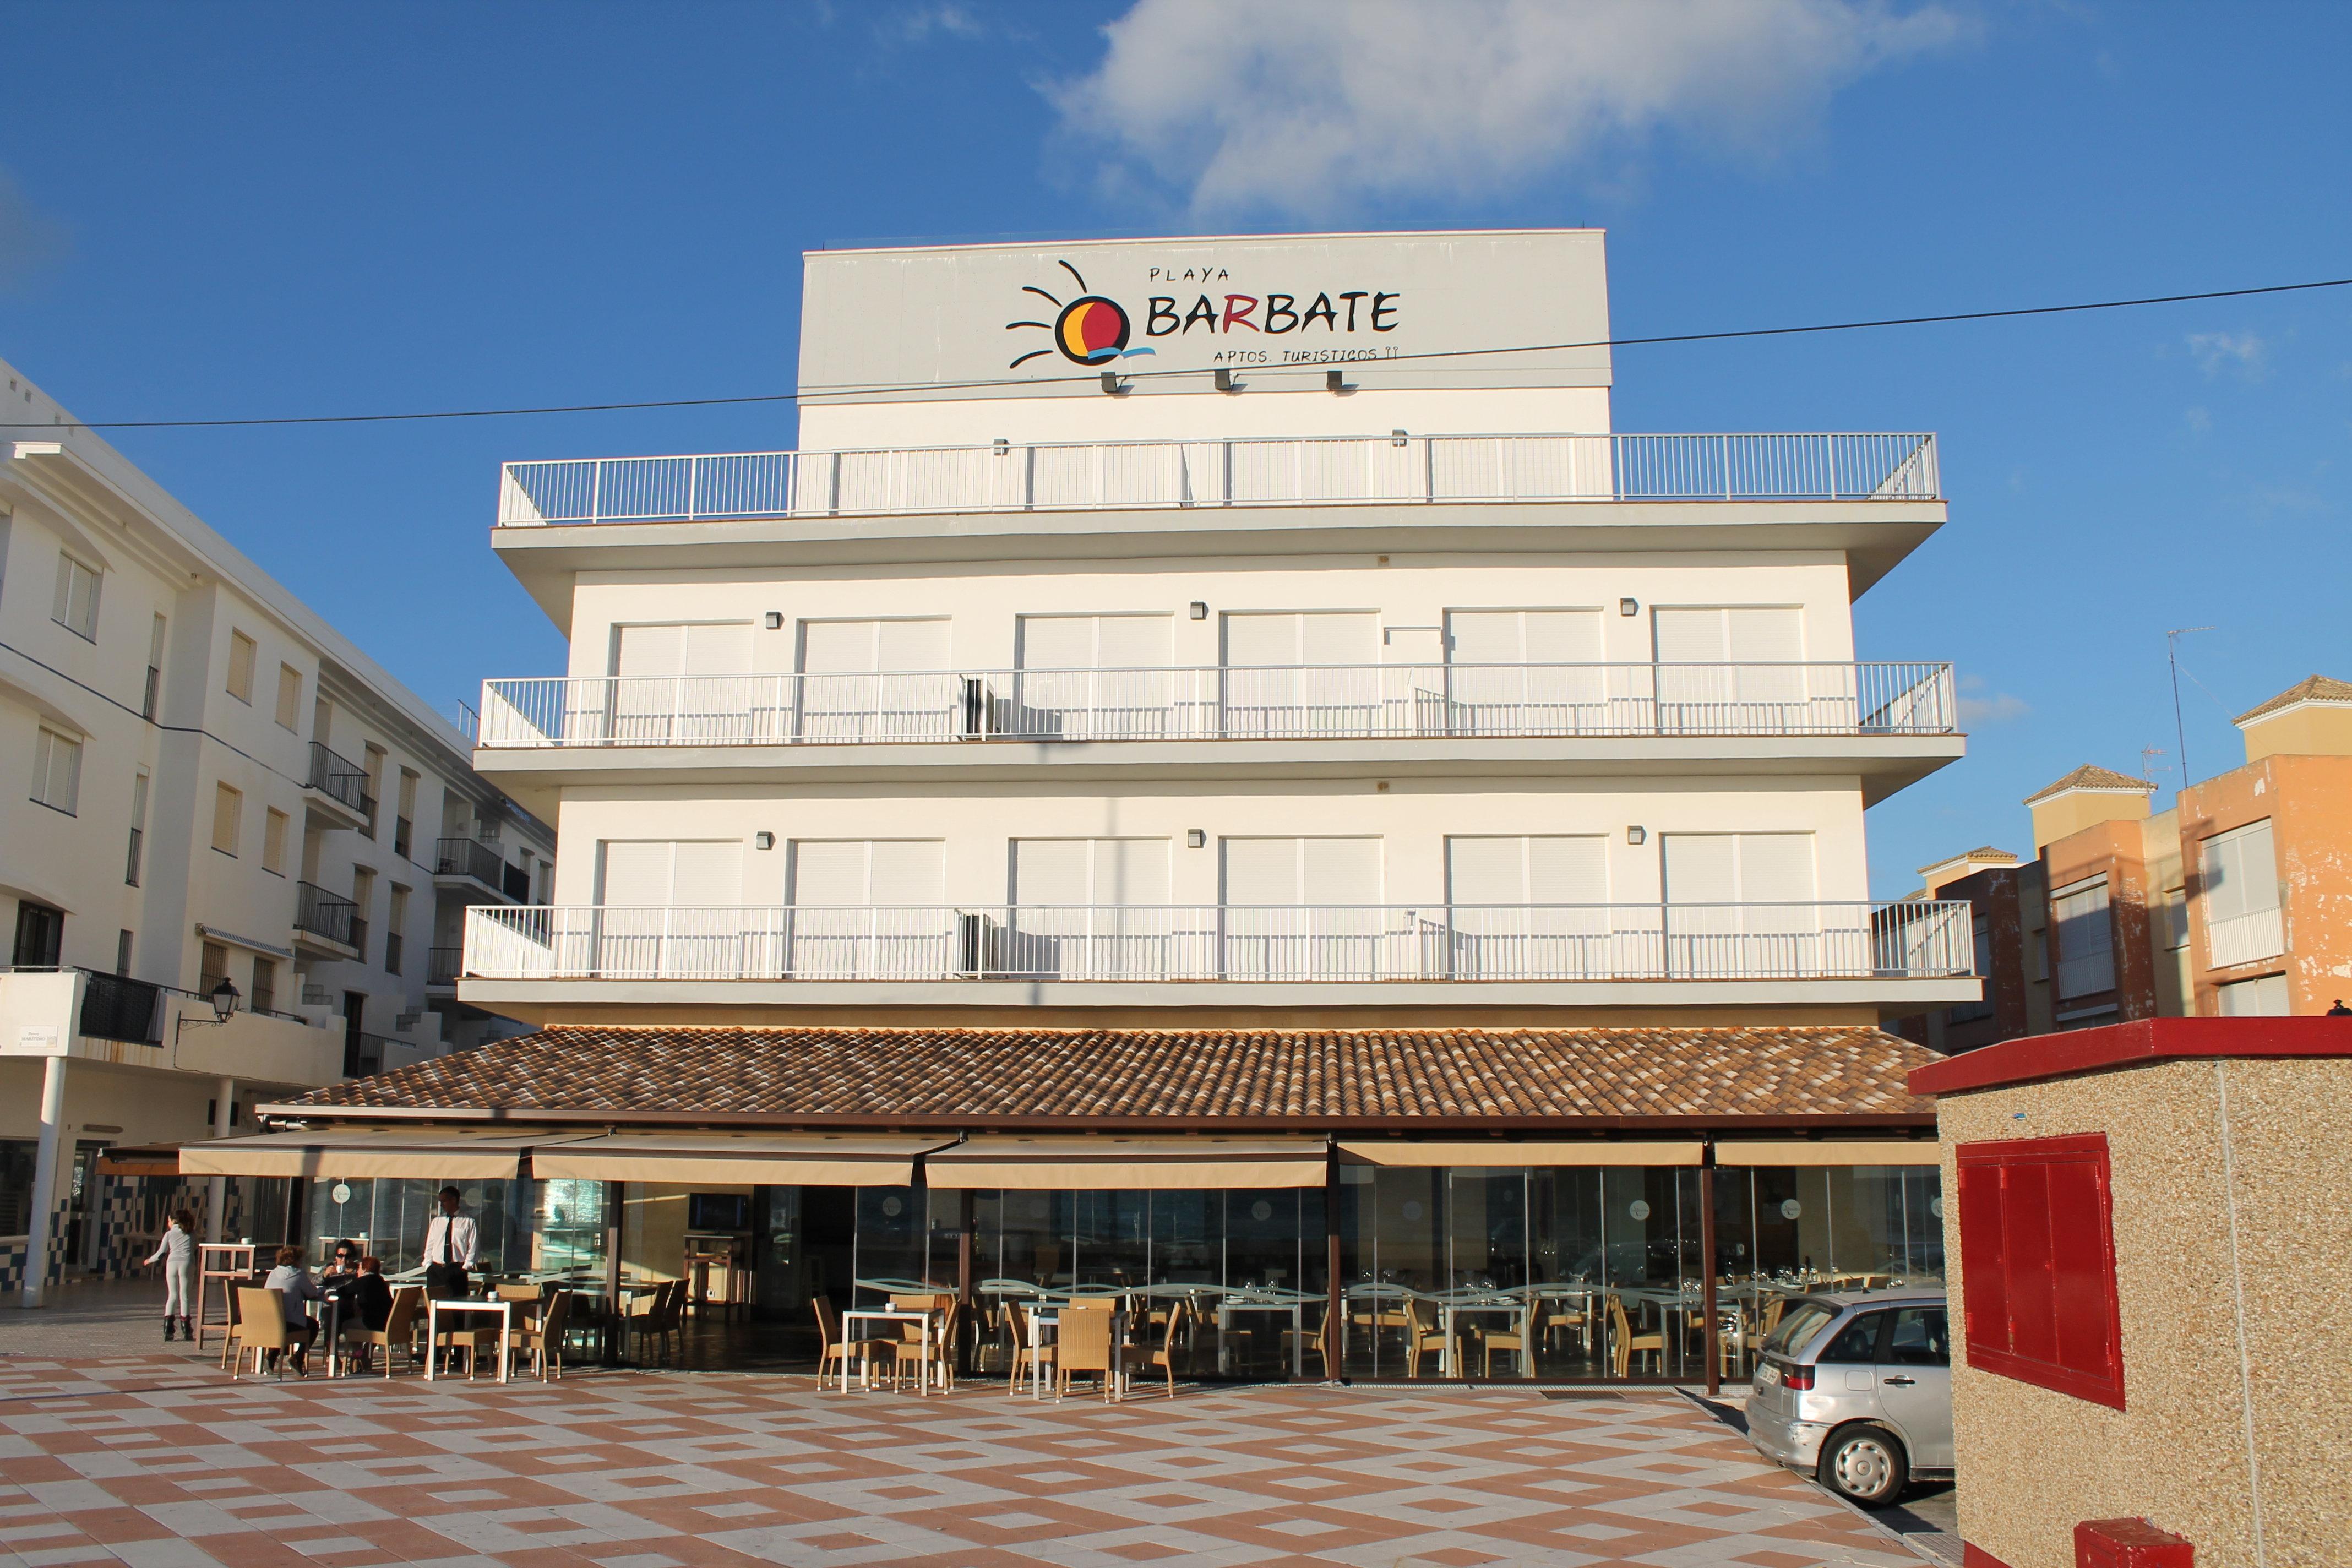 Playa barbate apartamentos turisticos - Apartamentos turisticos barbate ...